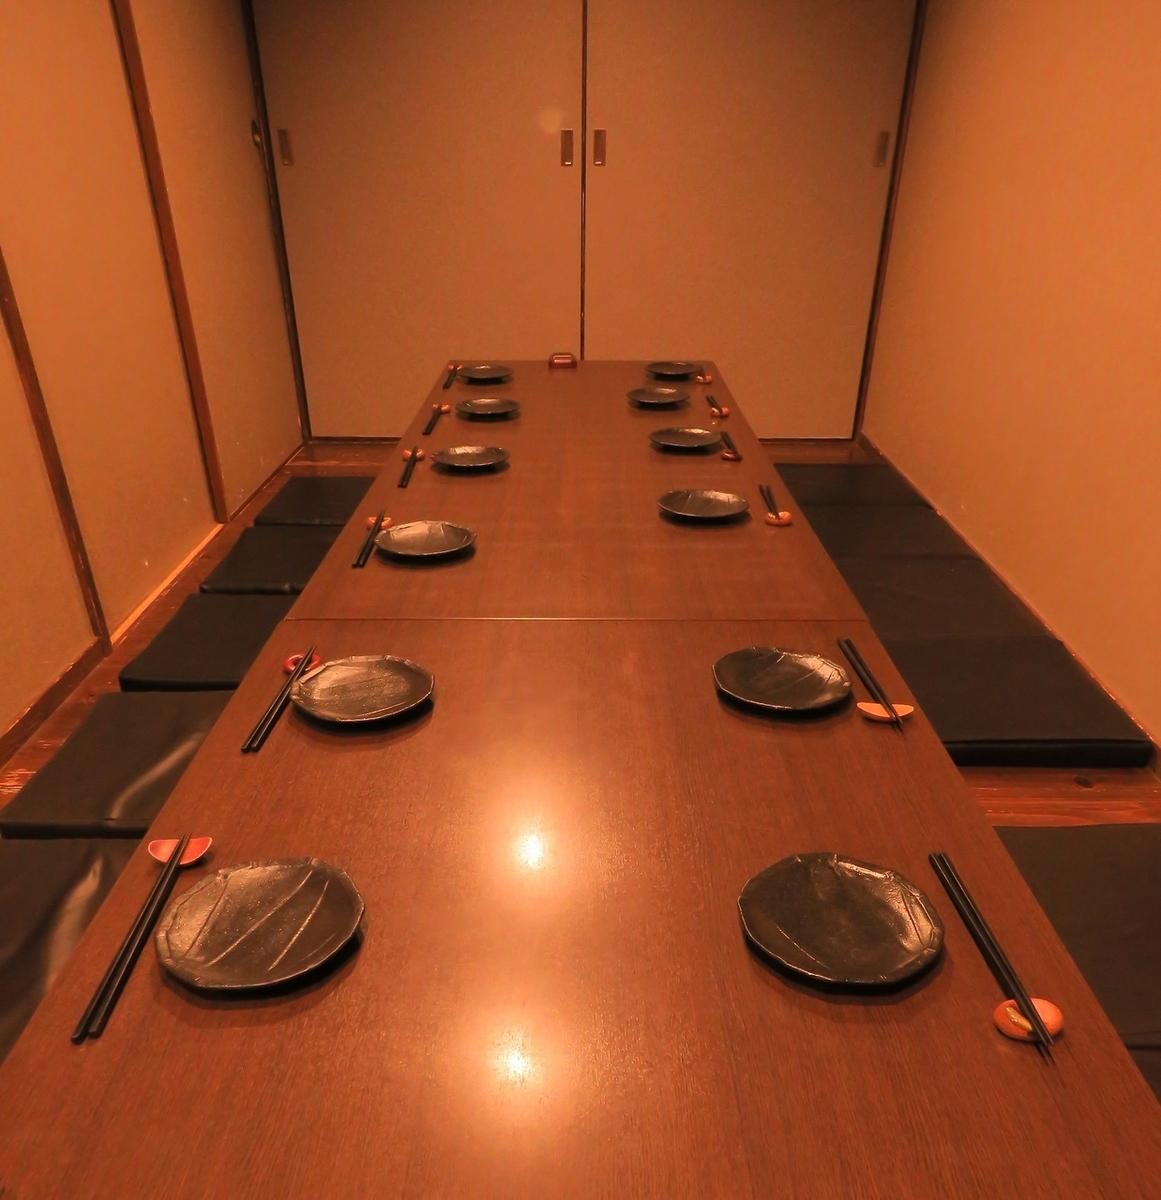 10人最多可容纳14位客人挖掘被炉私人房间